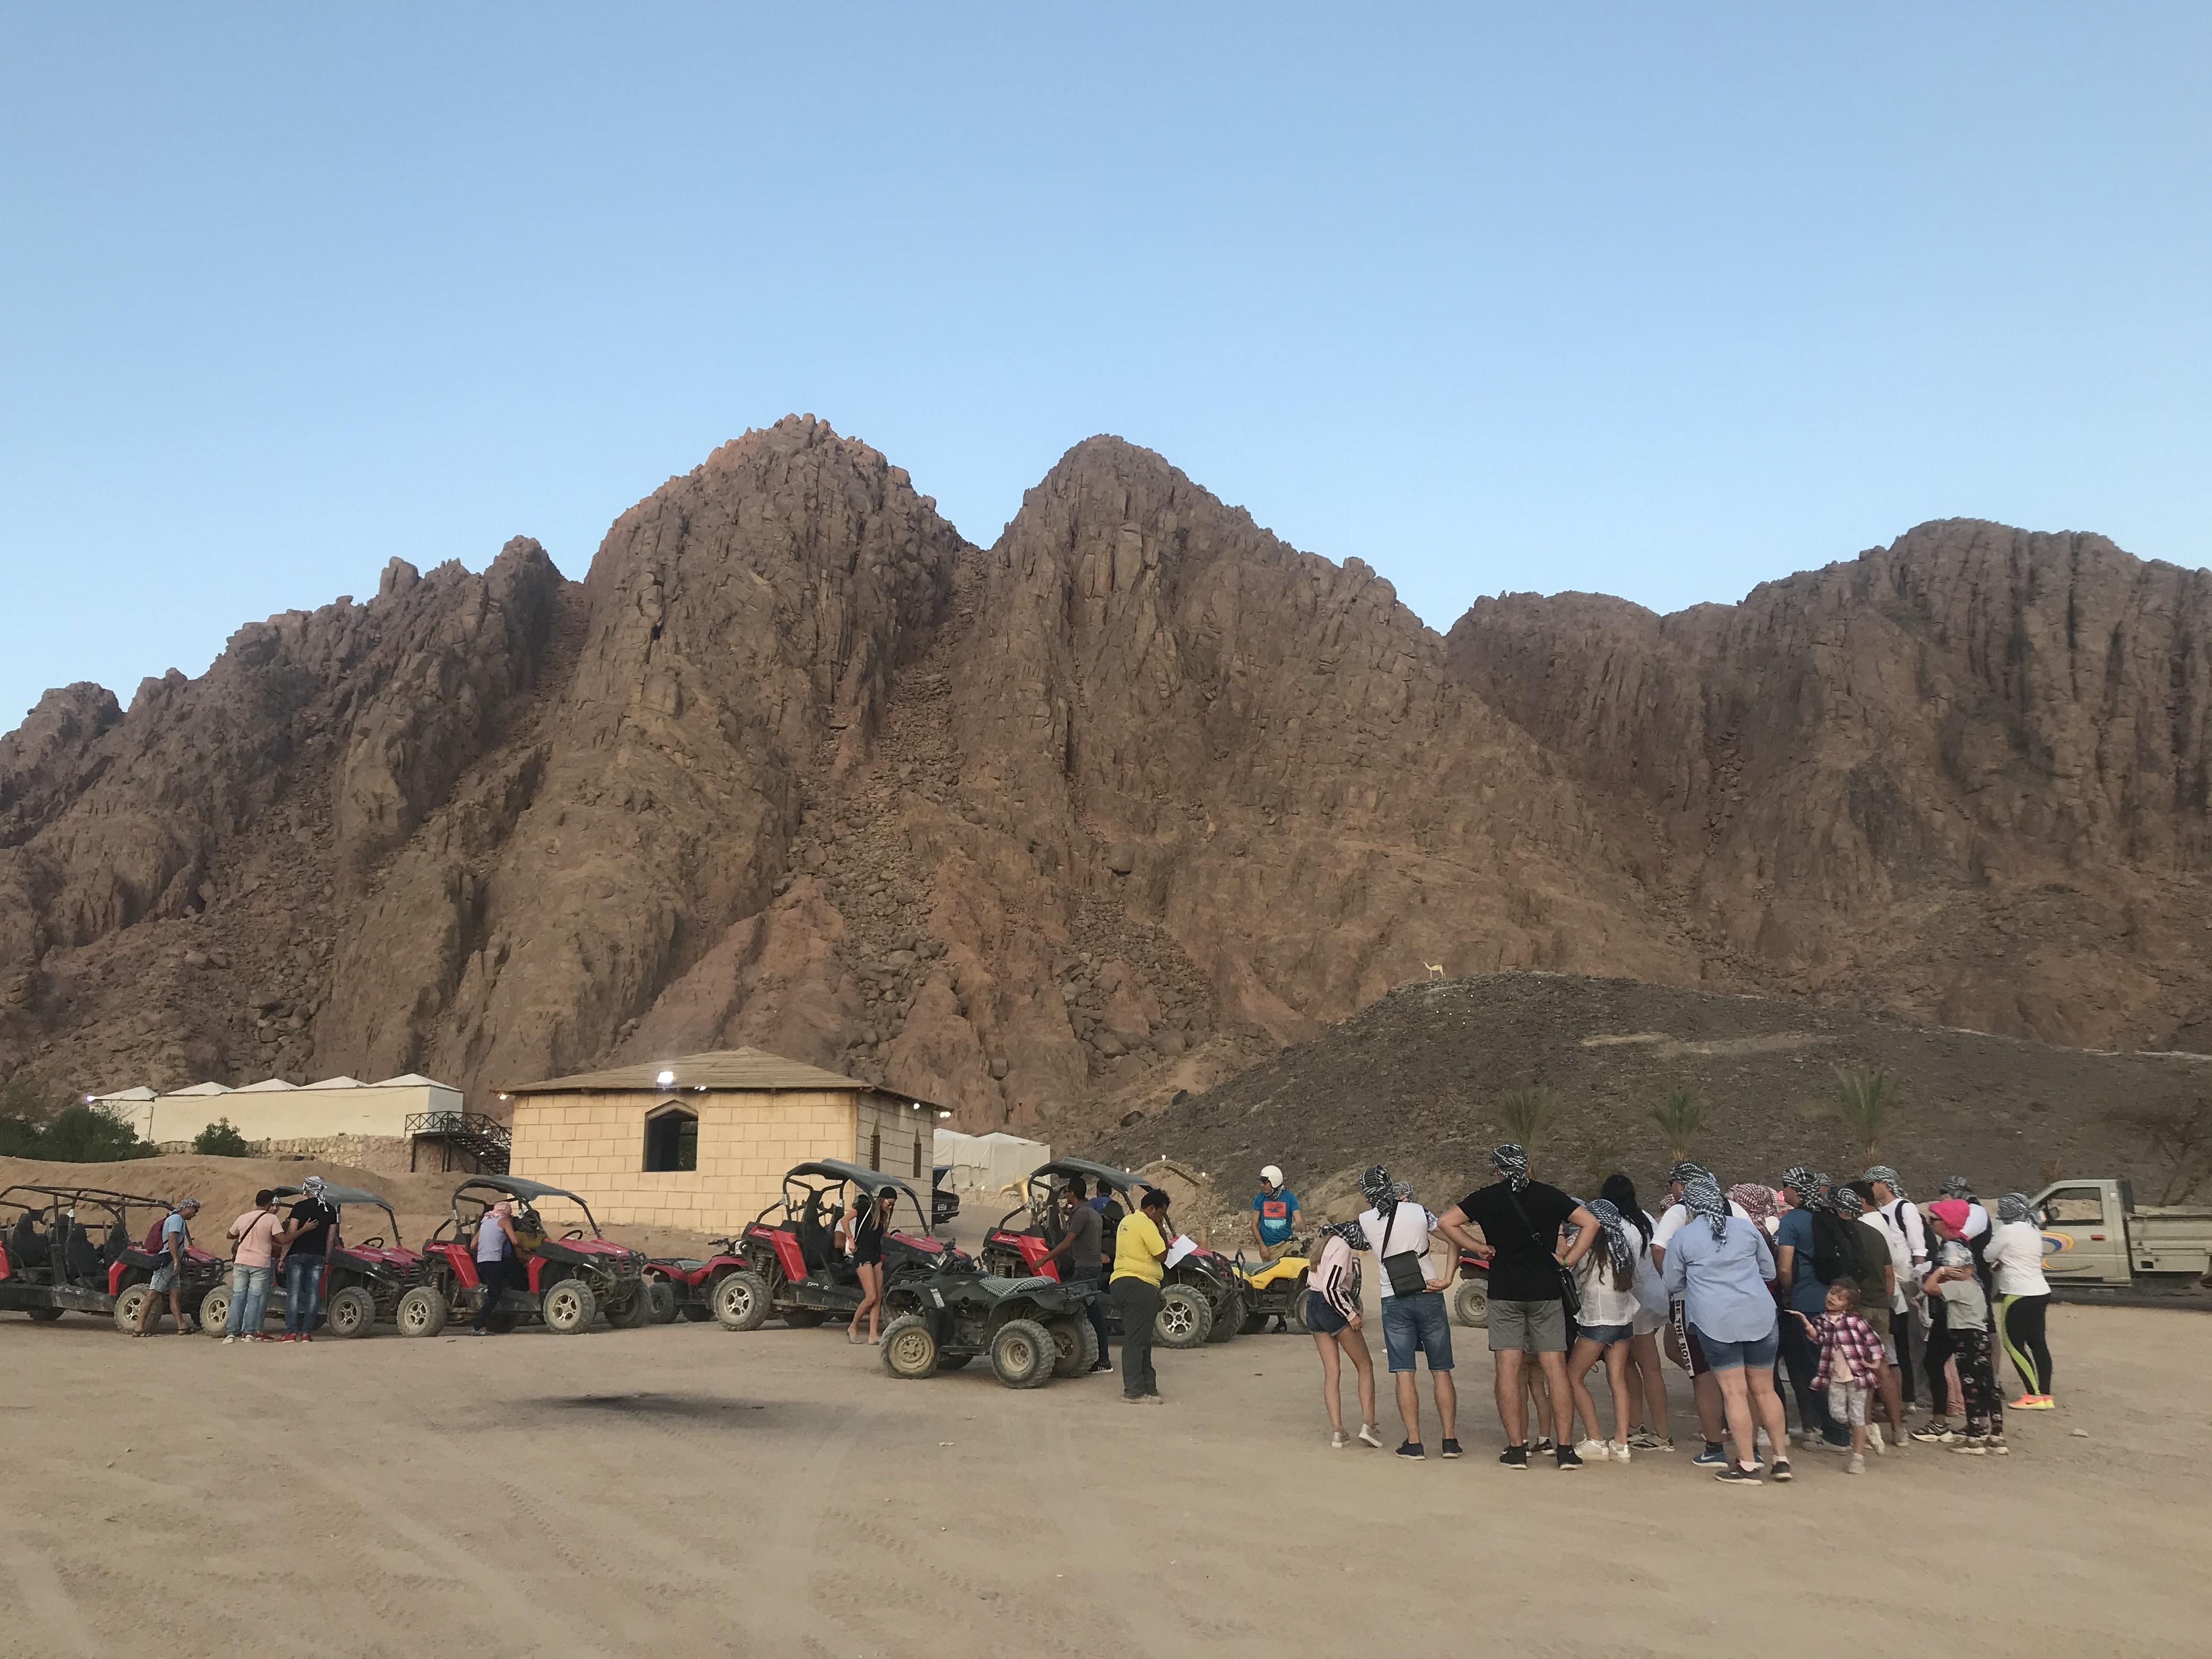 سياحة السفارى والجبال بشرم الشيخ  (19)